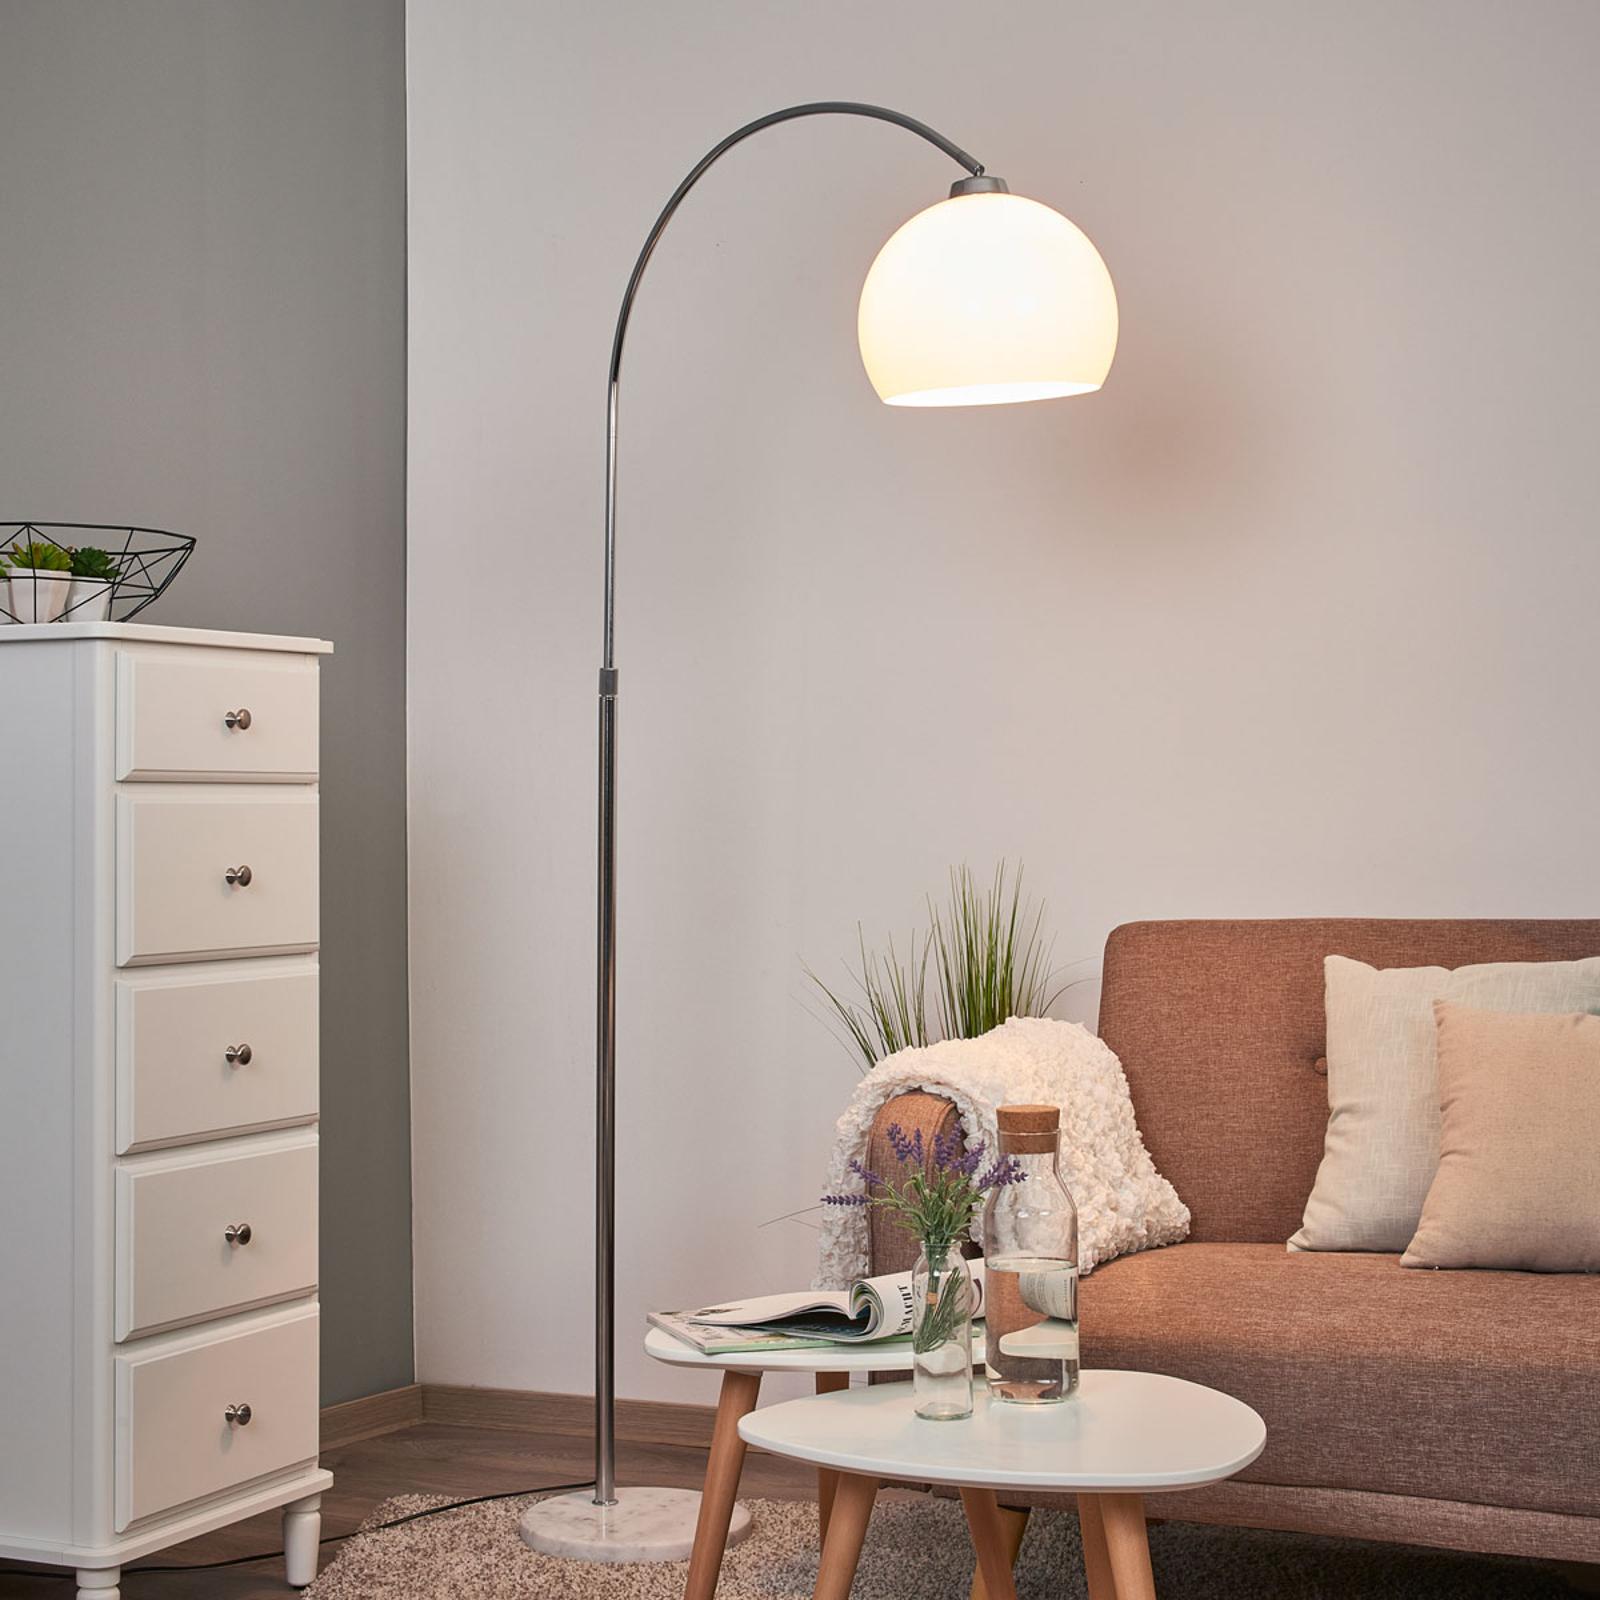 Båglampa Sveri med marmorfot och vit skärm